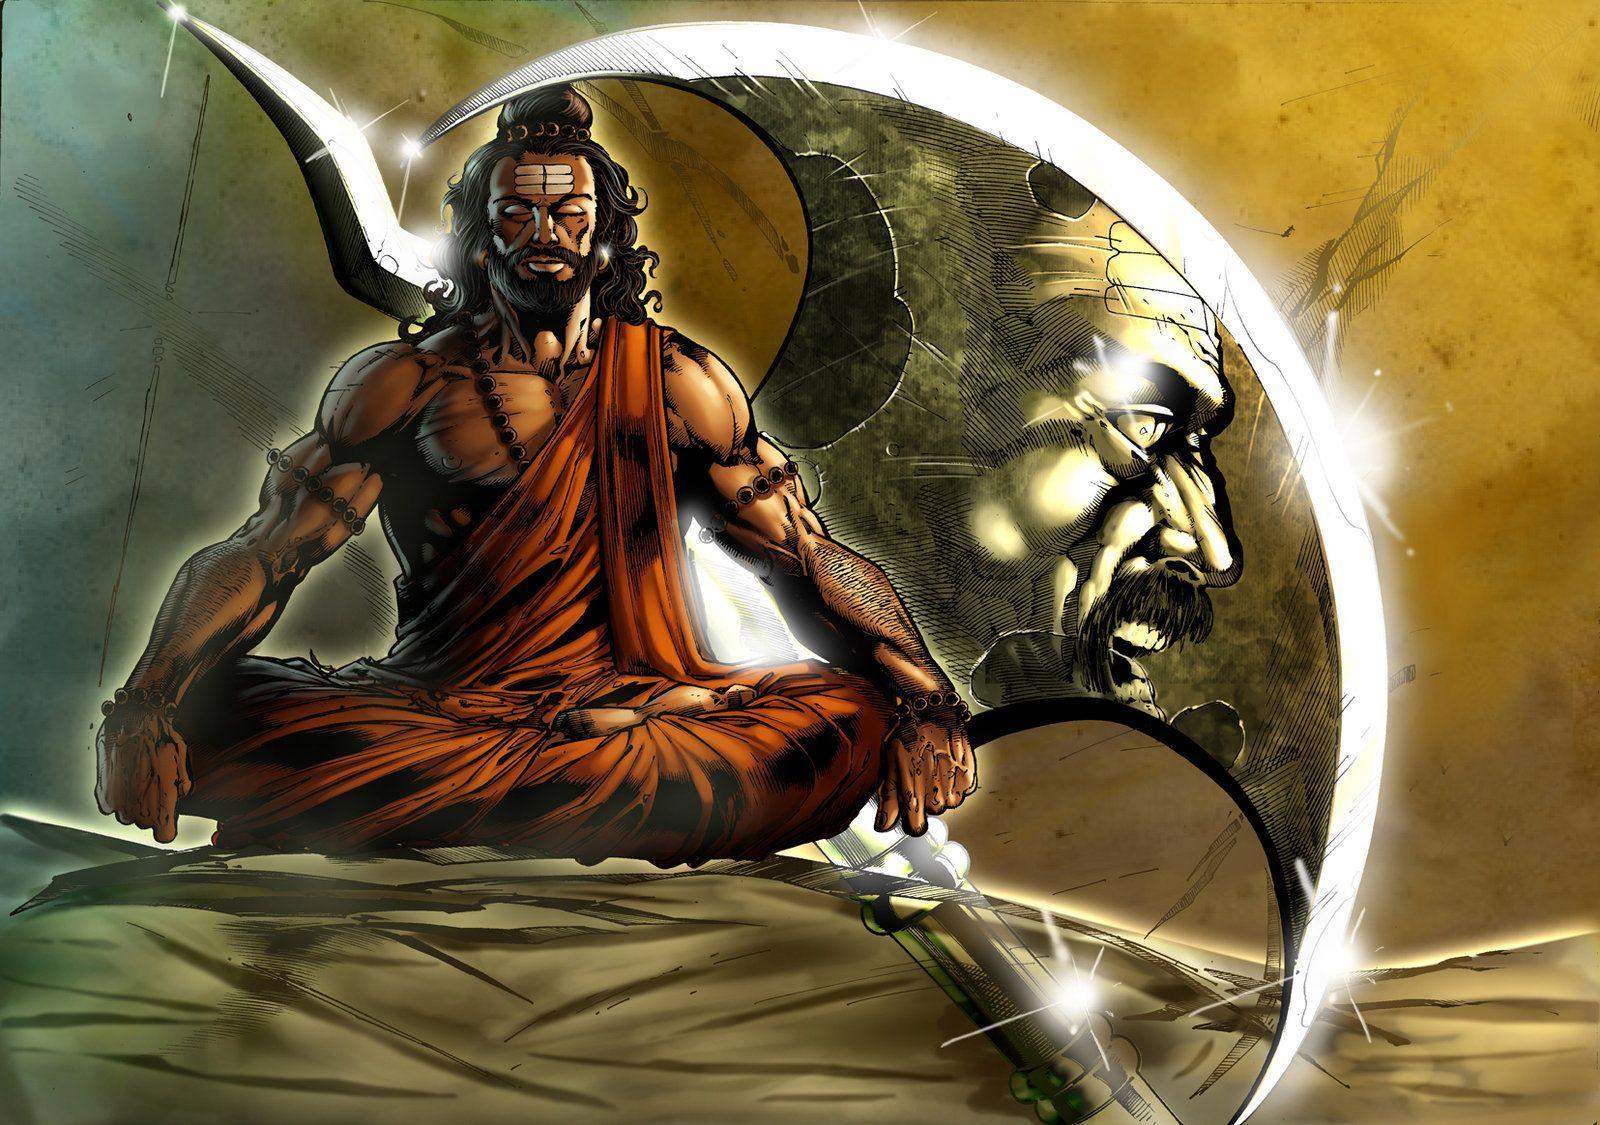 1600x1125 Angry Lord Shiva hình nền